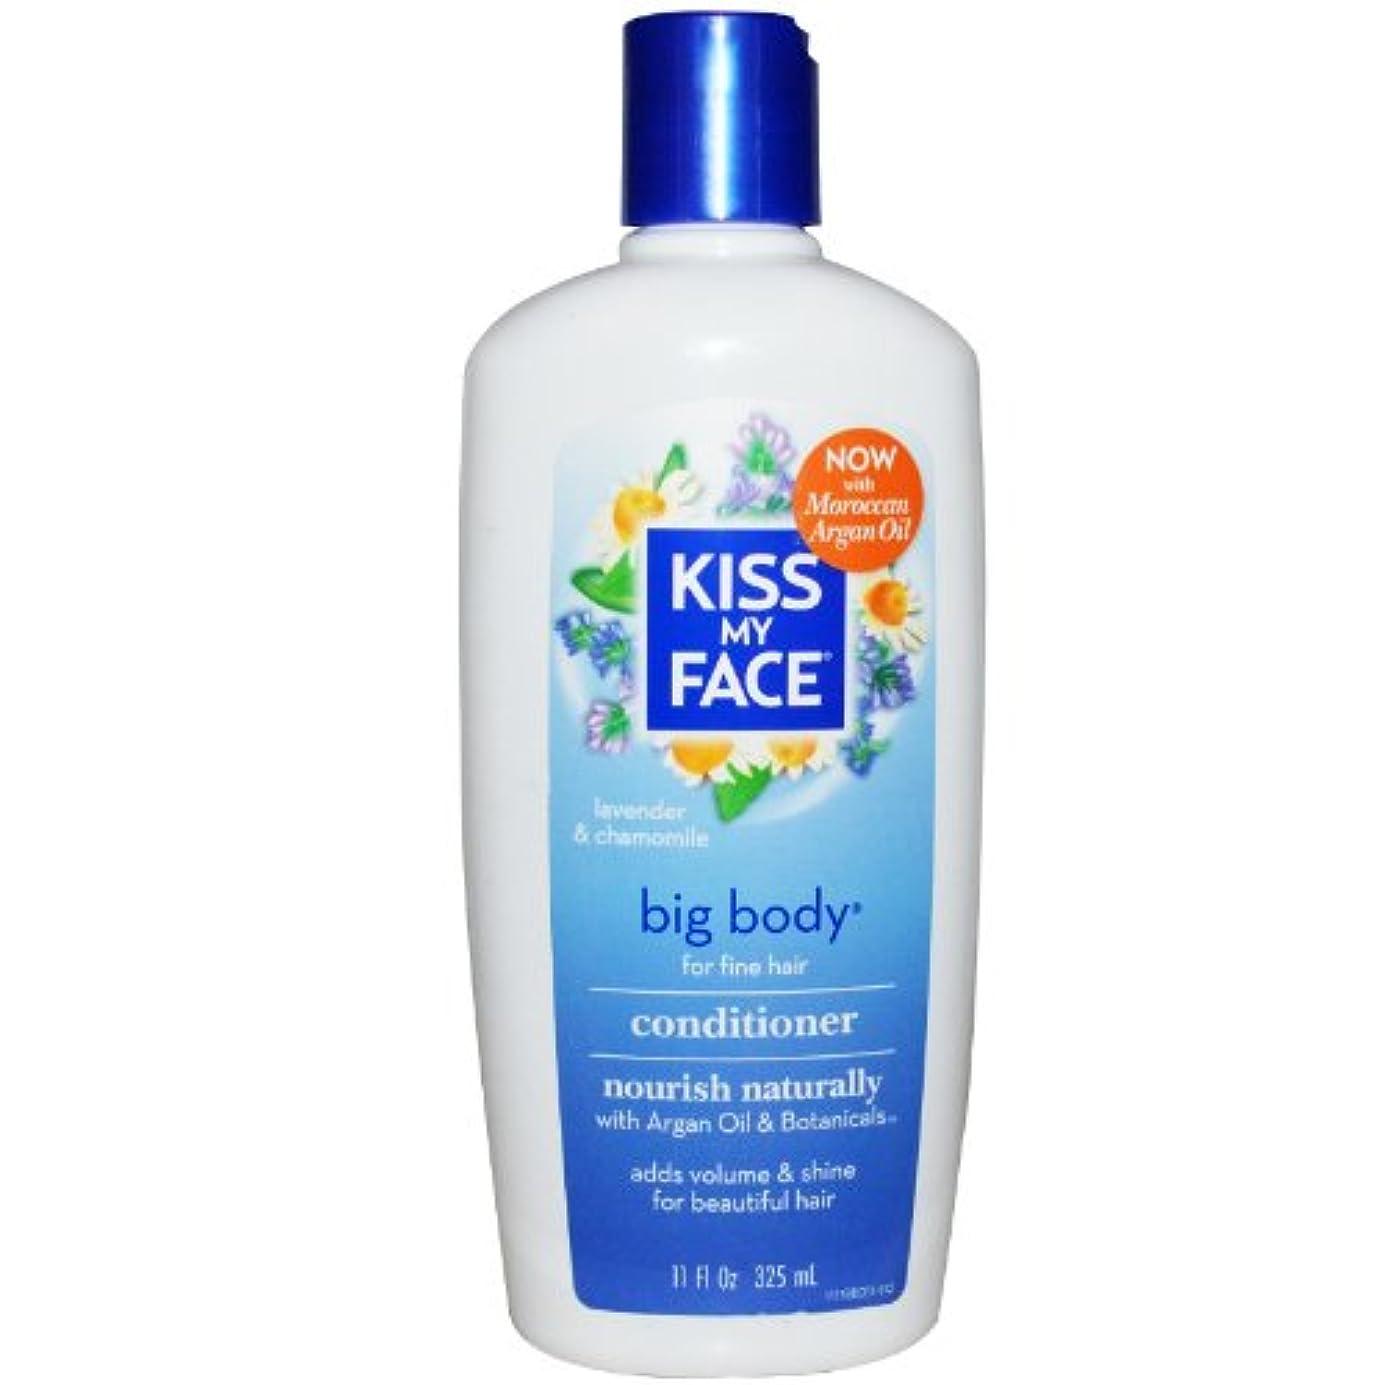 安全性スペード幹Kiss My Face Big Body Conditioner Lavender and Chamomile - 11 fl oz